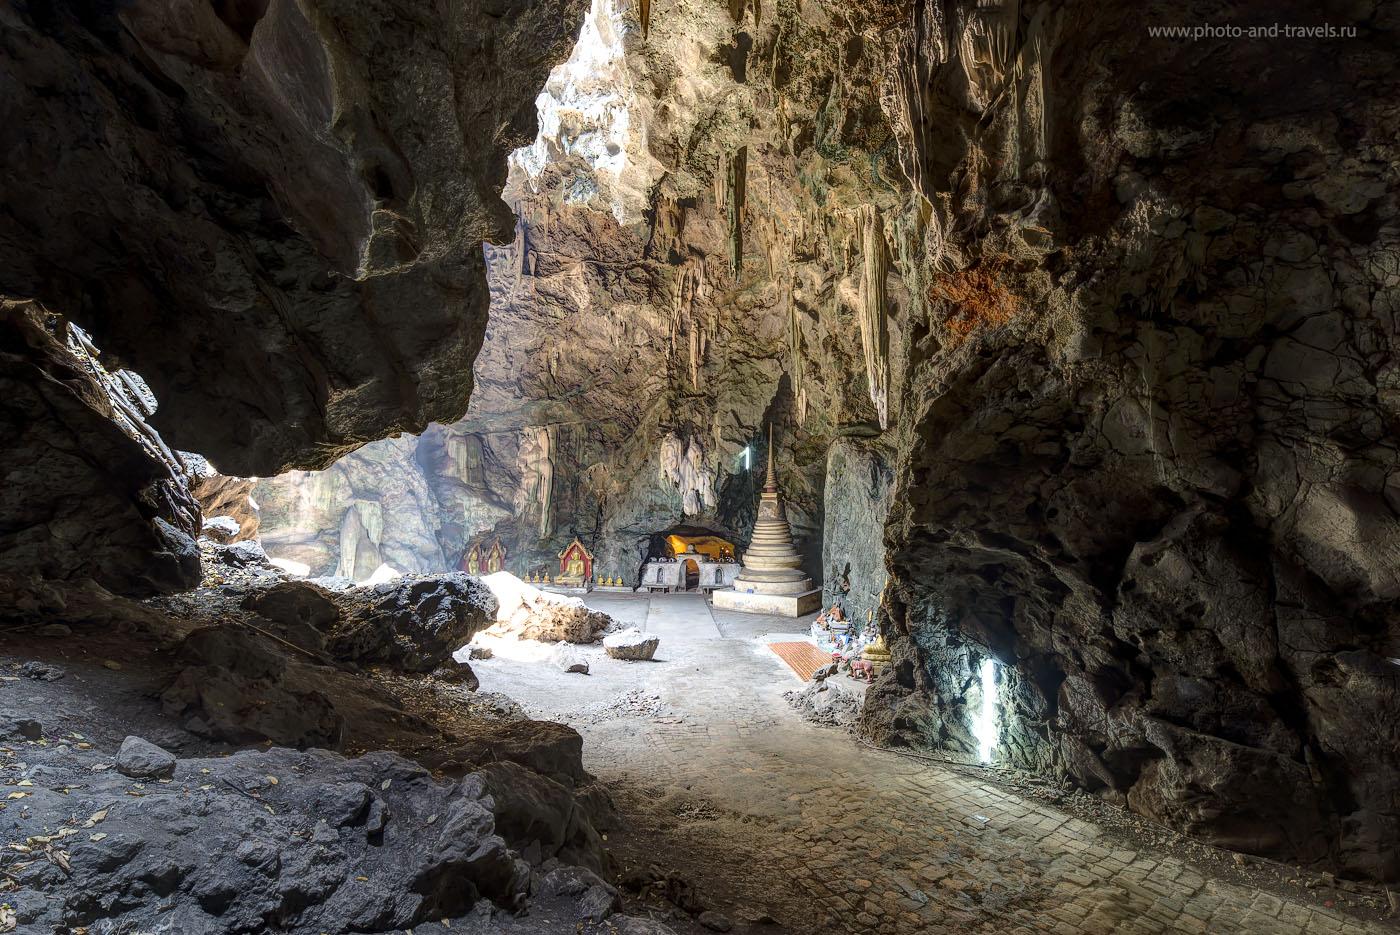 Фото 19. Один из залов пещеры Tham Khao Luang Cave, что на окраине города Phetchaburi в Таиланде. Самостоятельный тур на машине, взятой в аренду